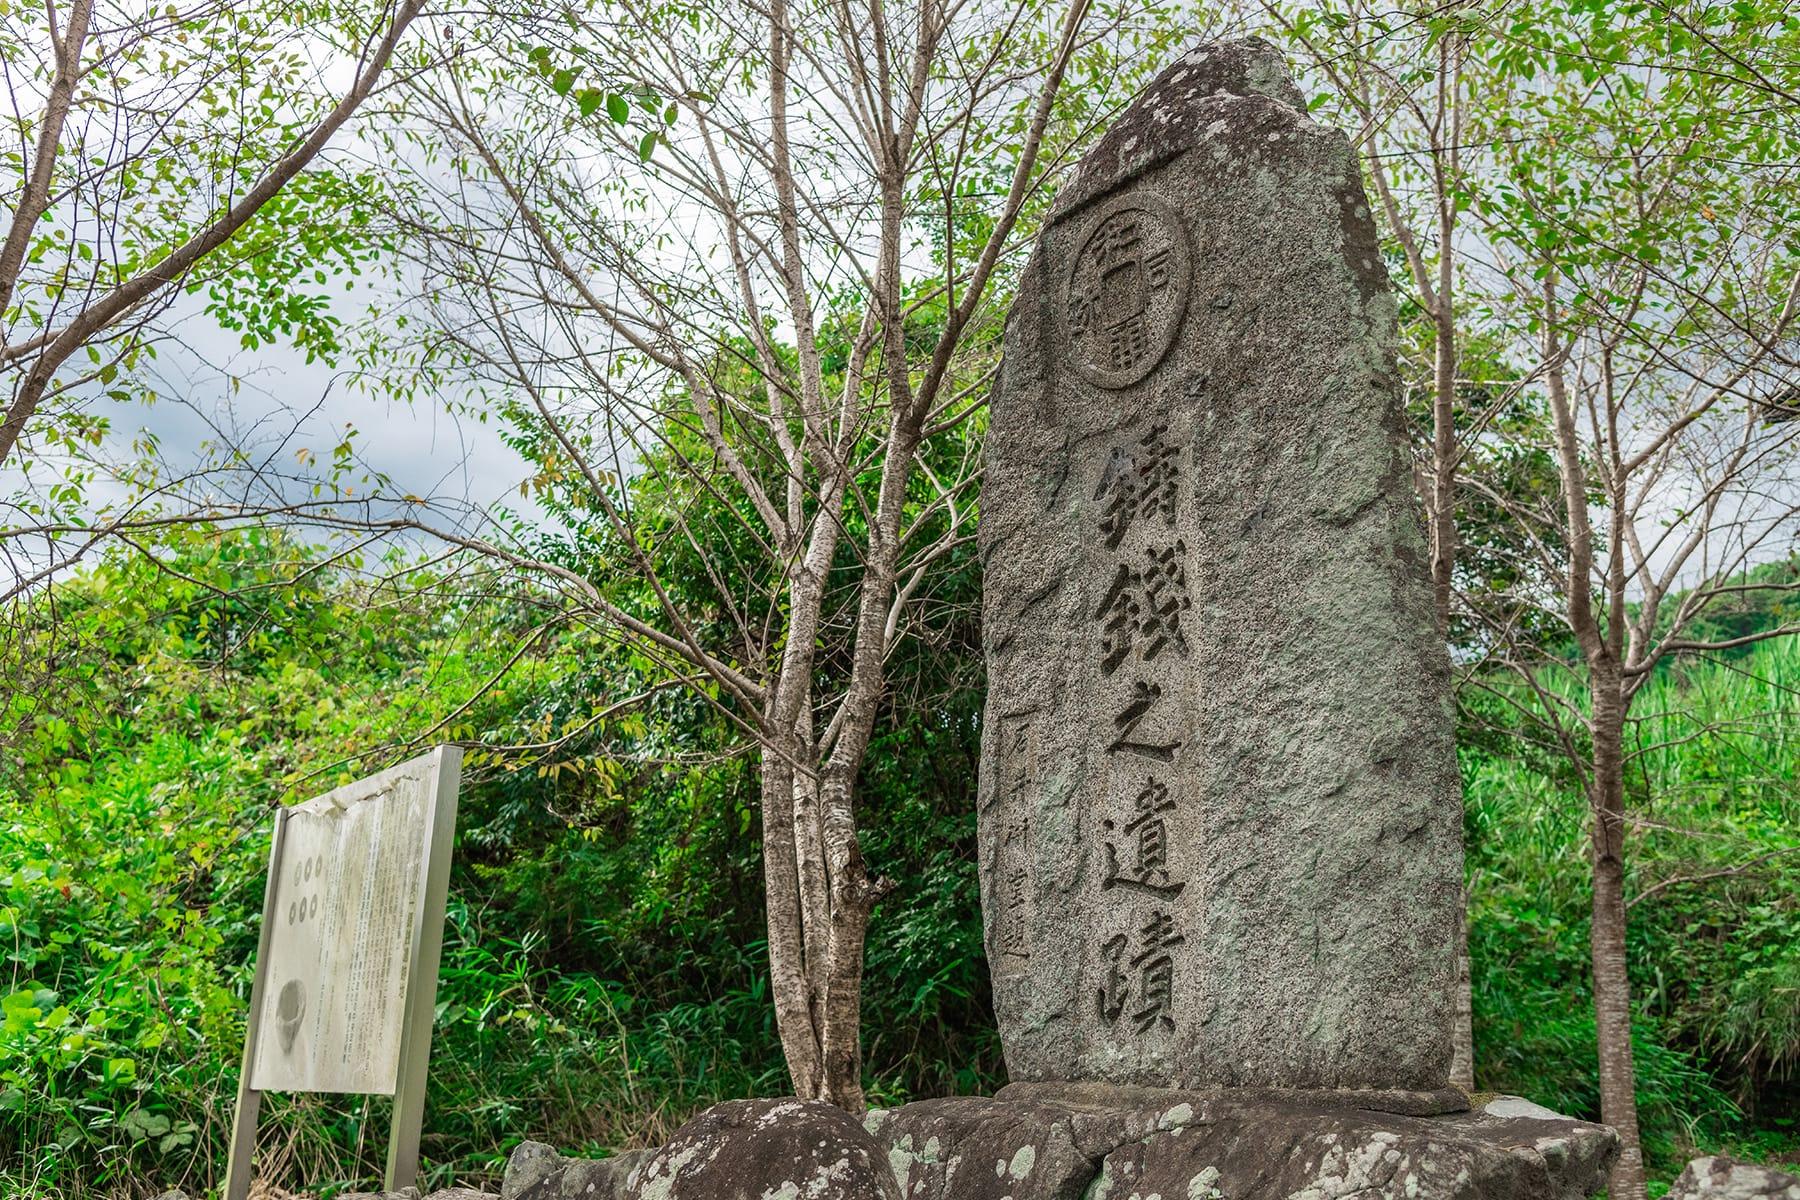 日本通貨発祥の地【和銅遺跡一帯(秩父市黒谷地区)】 | フォトさいたま